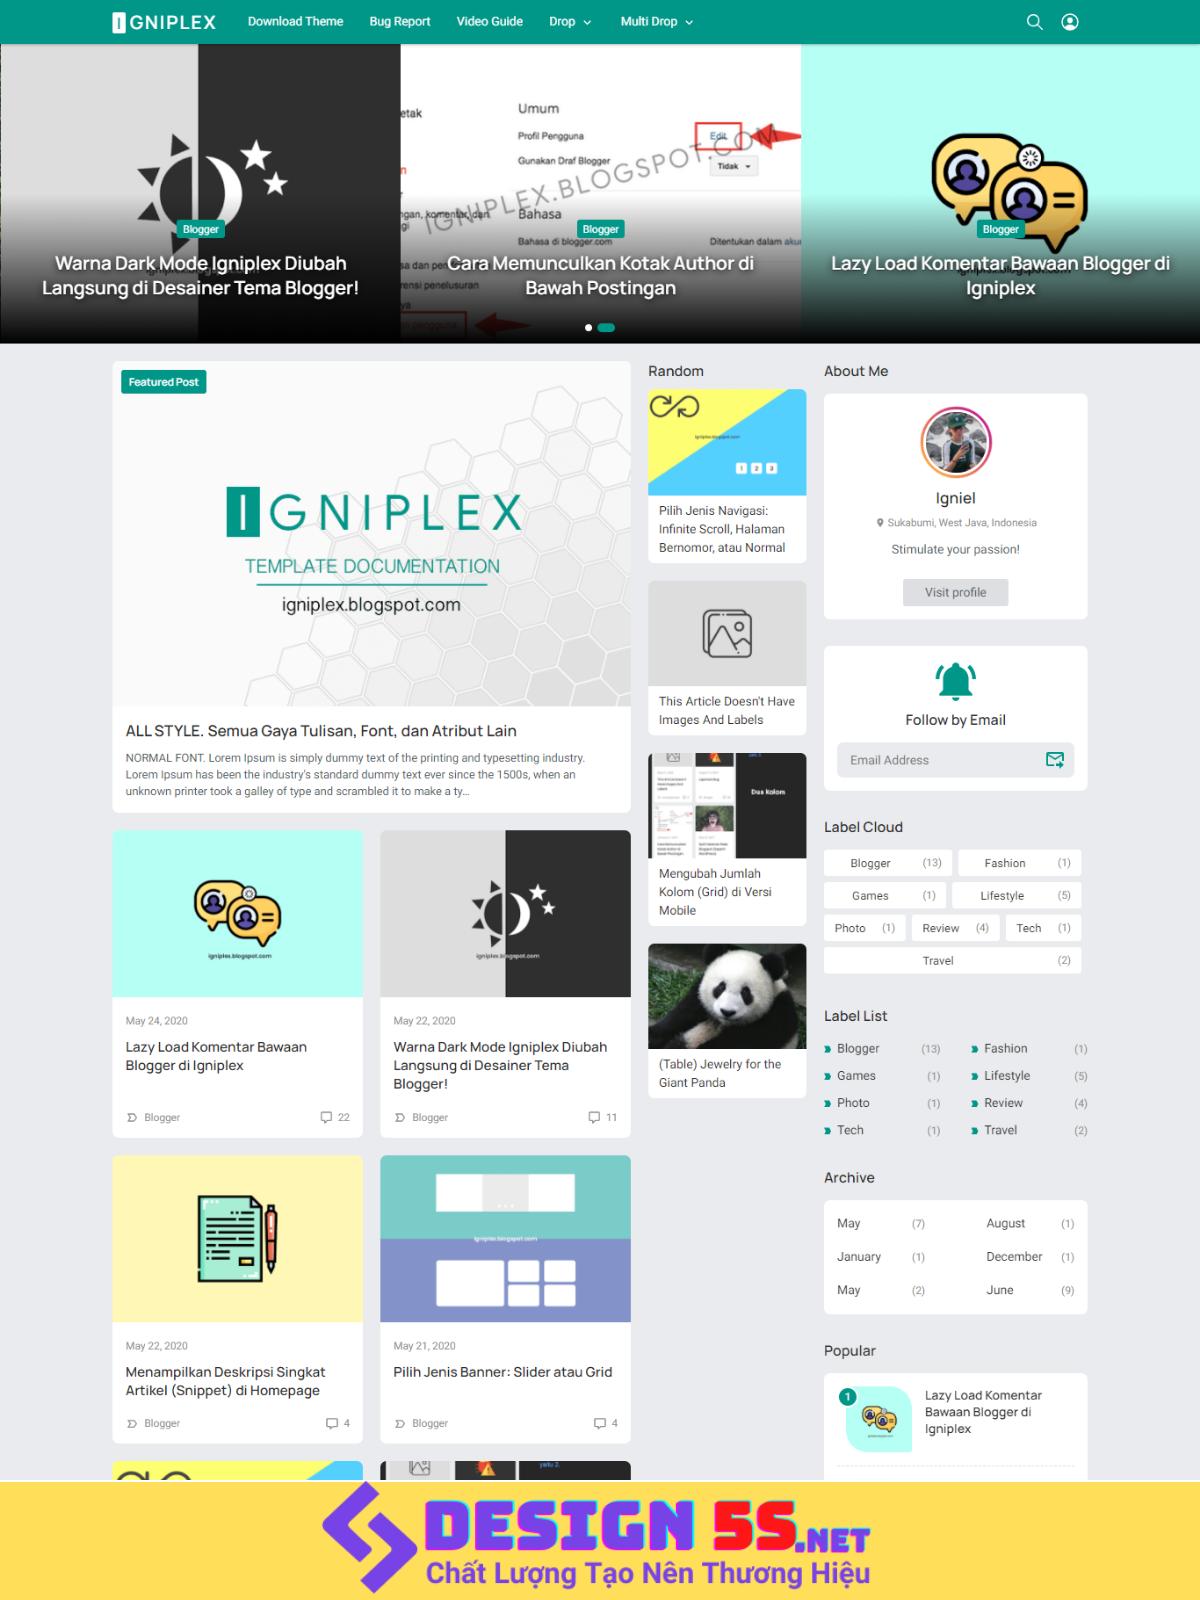 Igniplex Template Blogspot Chuẩn SEO, Tải Nhanh Miễn Phí - Ảnh 1